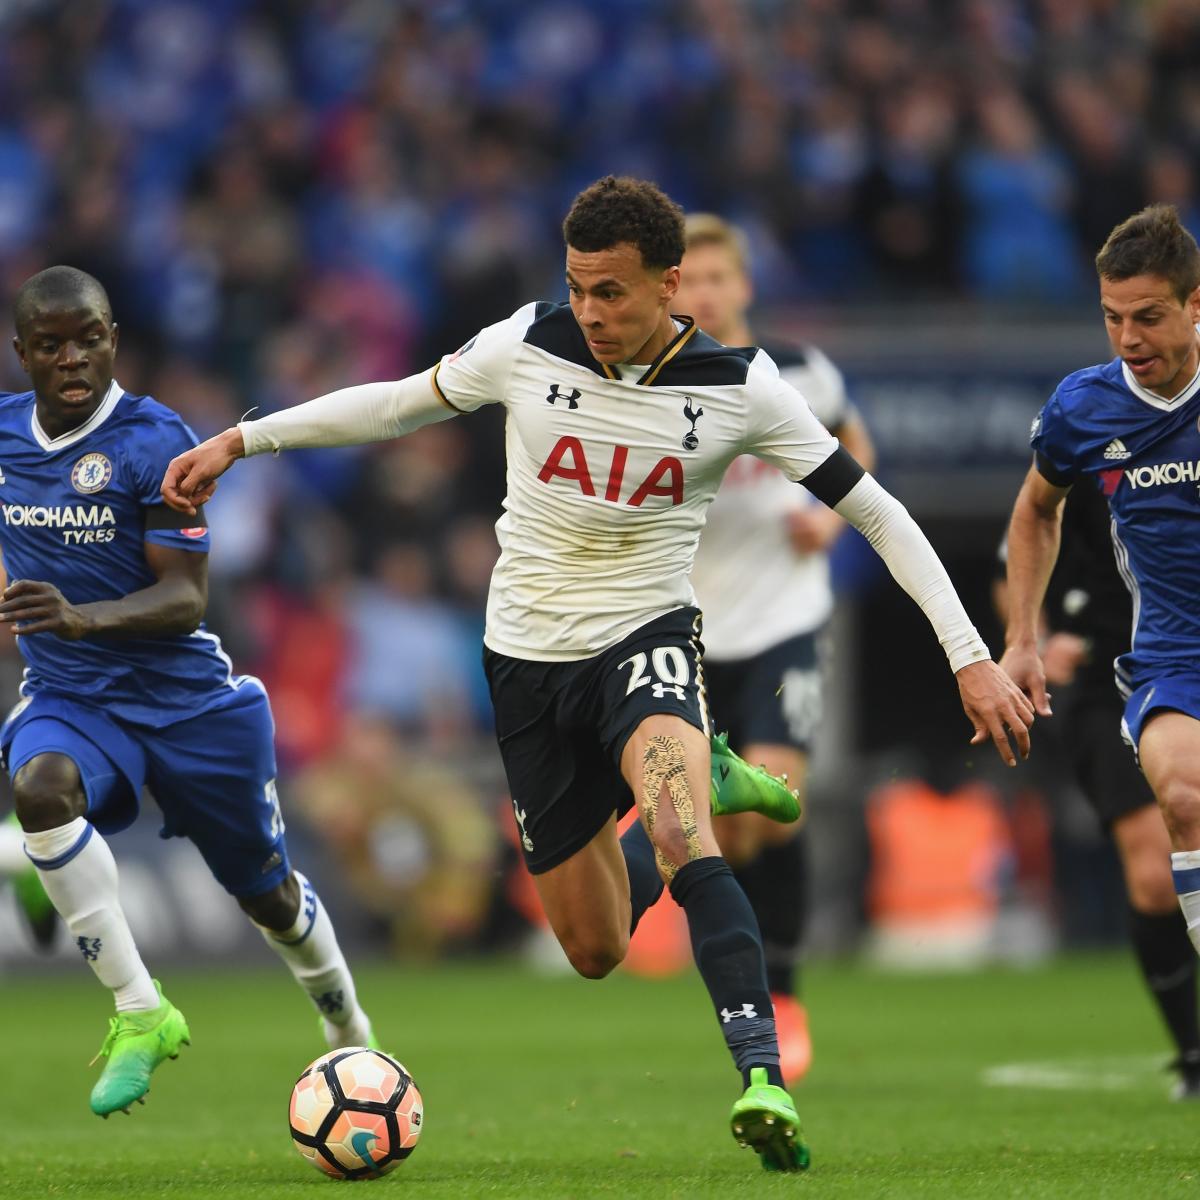 Ajax Vs Tottenham Hotspur Preview Live Stream Tv Info: Tottenham Vs. Chelsea: Team News, Preview, Live Stream, TV